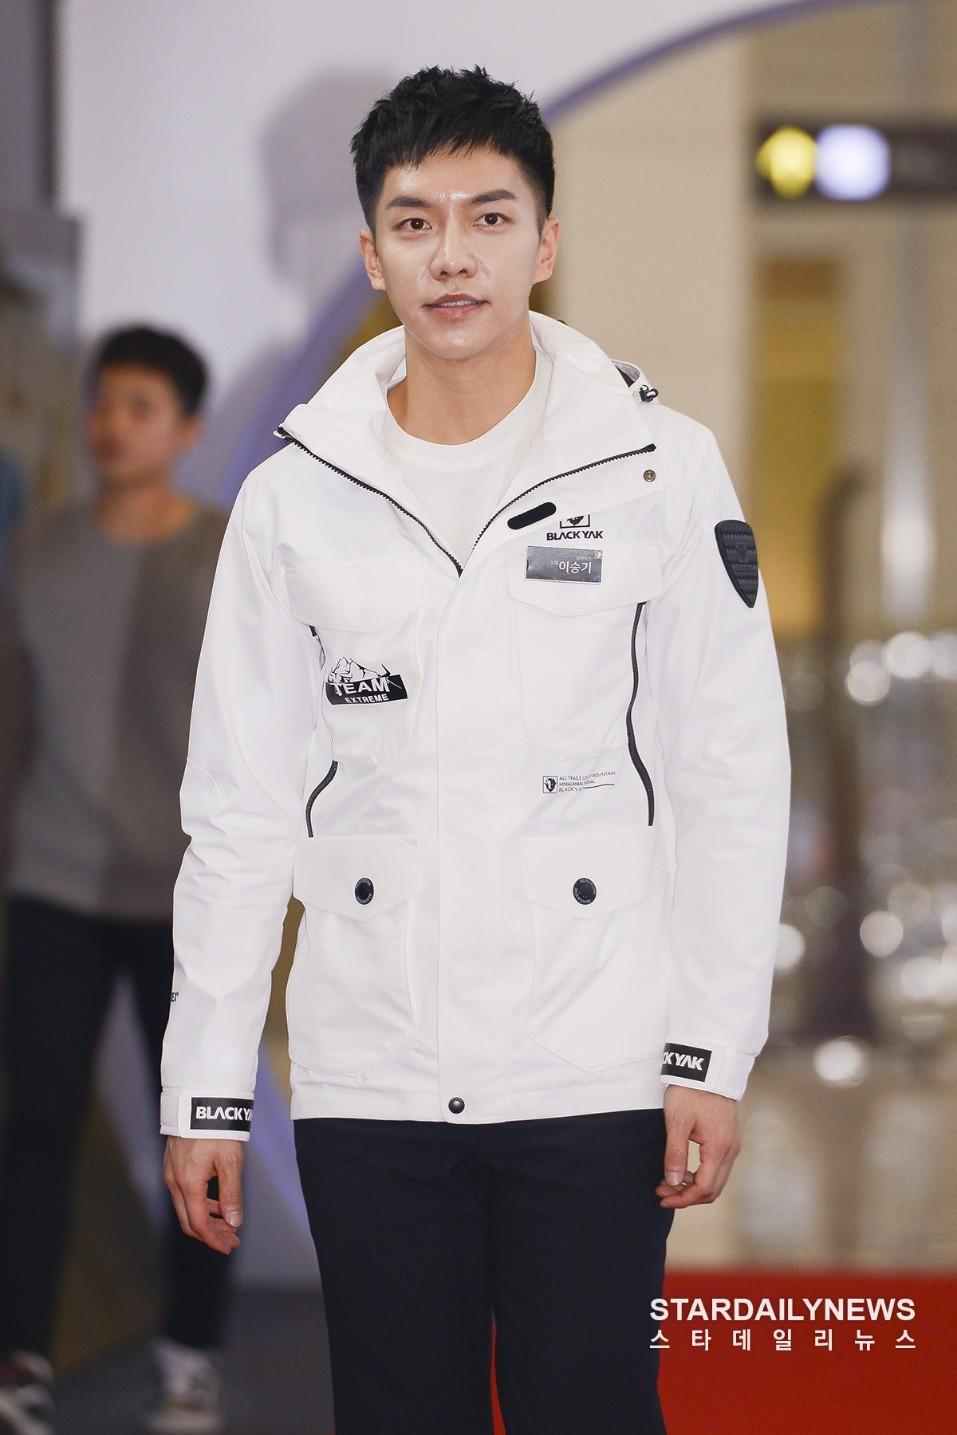 Sự kiện hot nhất hôm nay: Bạn trai Park Shin Hye lần đầu xuất hiện đã bị chê, Lee Seung Gi lộ mặt bóng dầu - Ảnh 10.